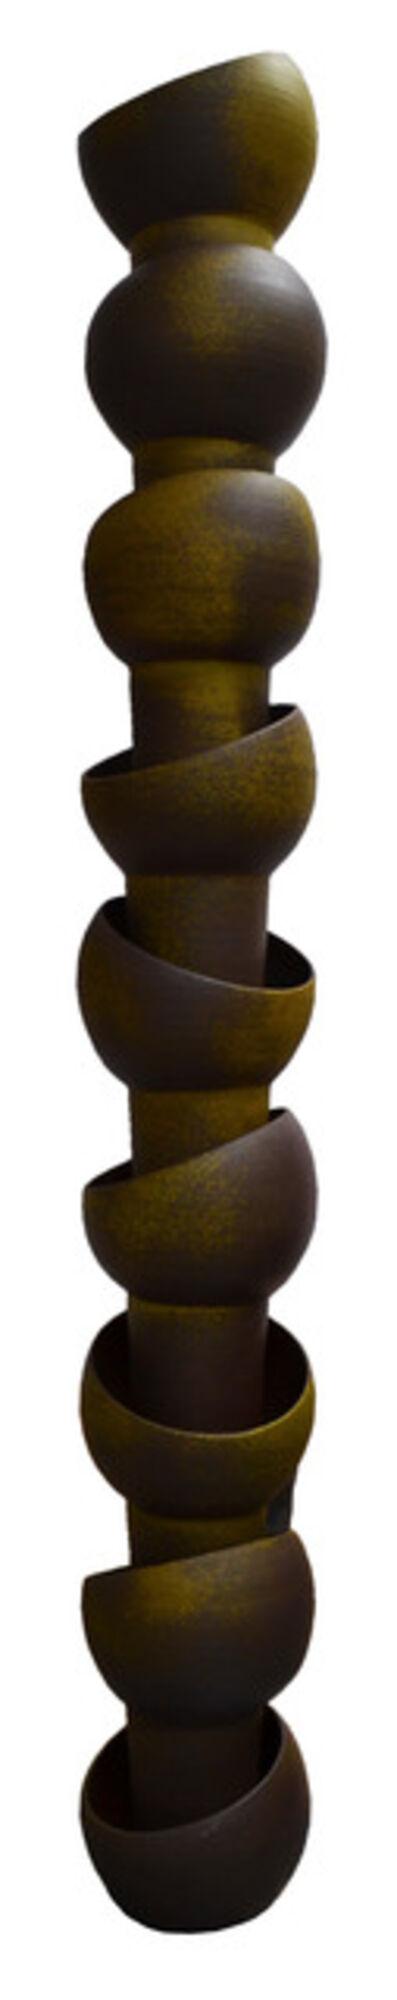 Kimi Nii, 'Coluna Gove', 2014